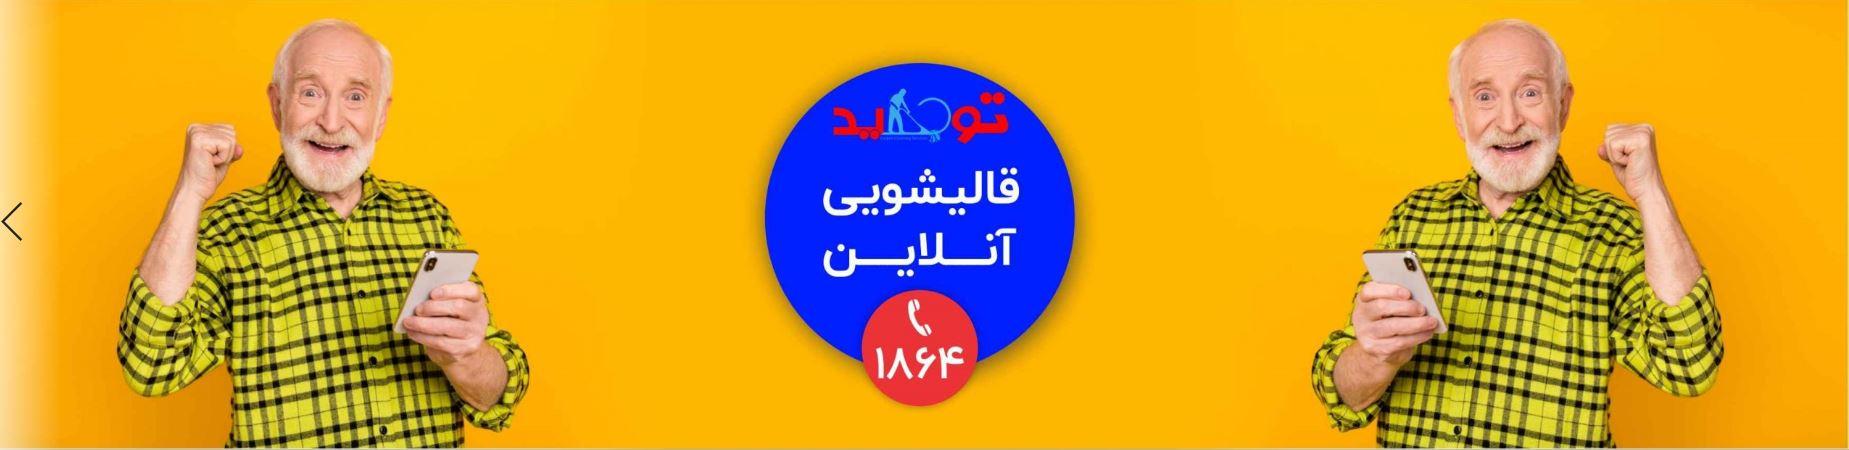 قالیشویی آنلاین،خدمات قالیشویی آنلاین در تهران،قالیشویی آنلاین در شهر تهران